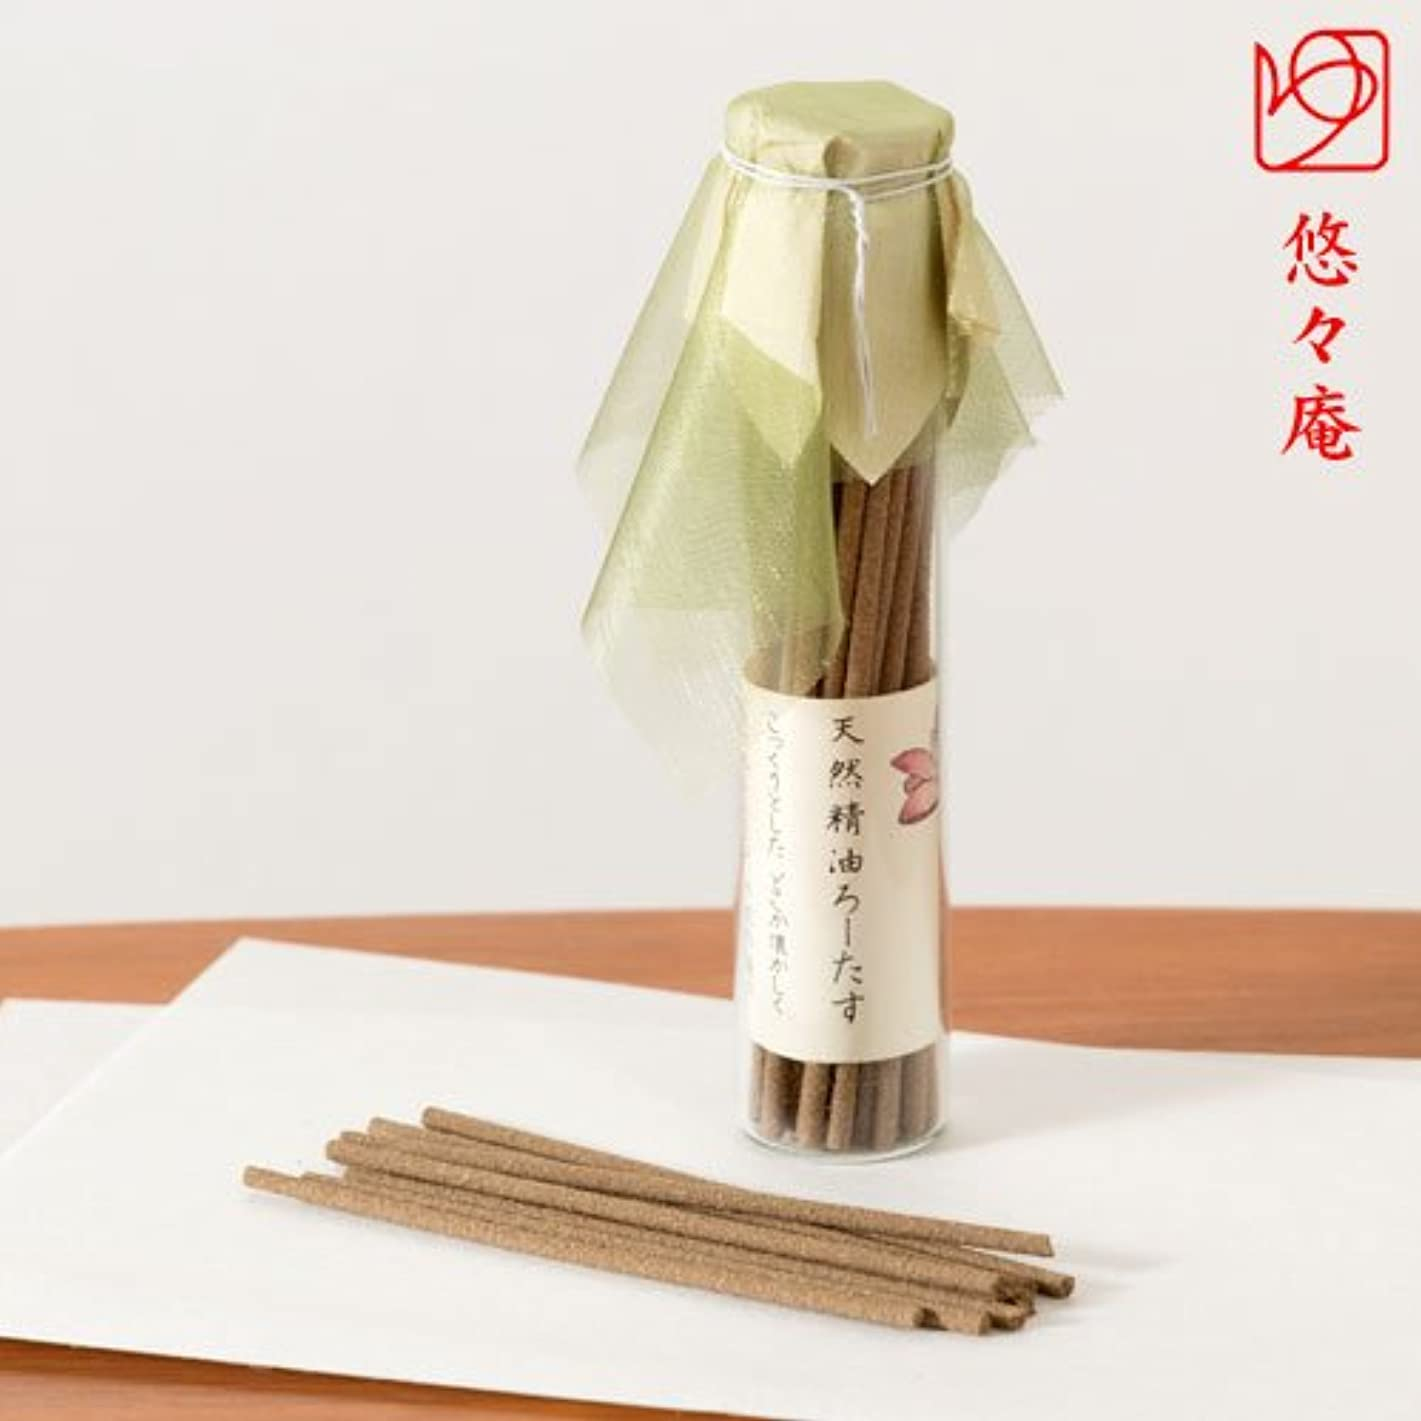 処方祈り累計スティックお香天然精油のお線香ろーたすの池ガラスビン入悠々庵Incense stick of natural essential oil